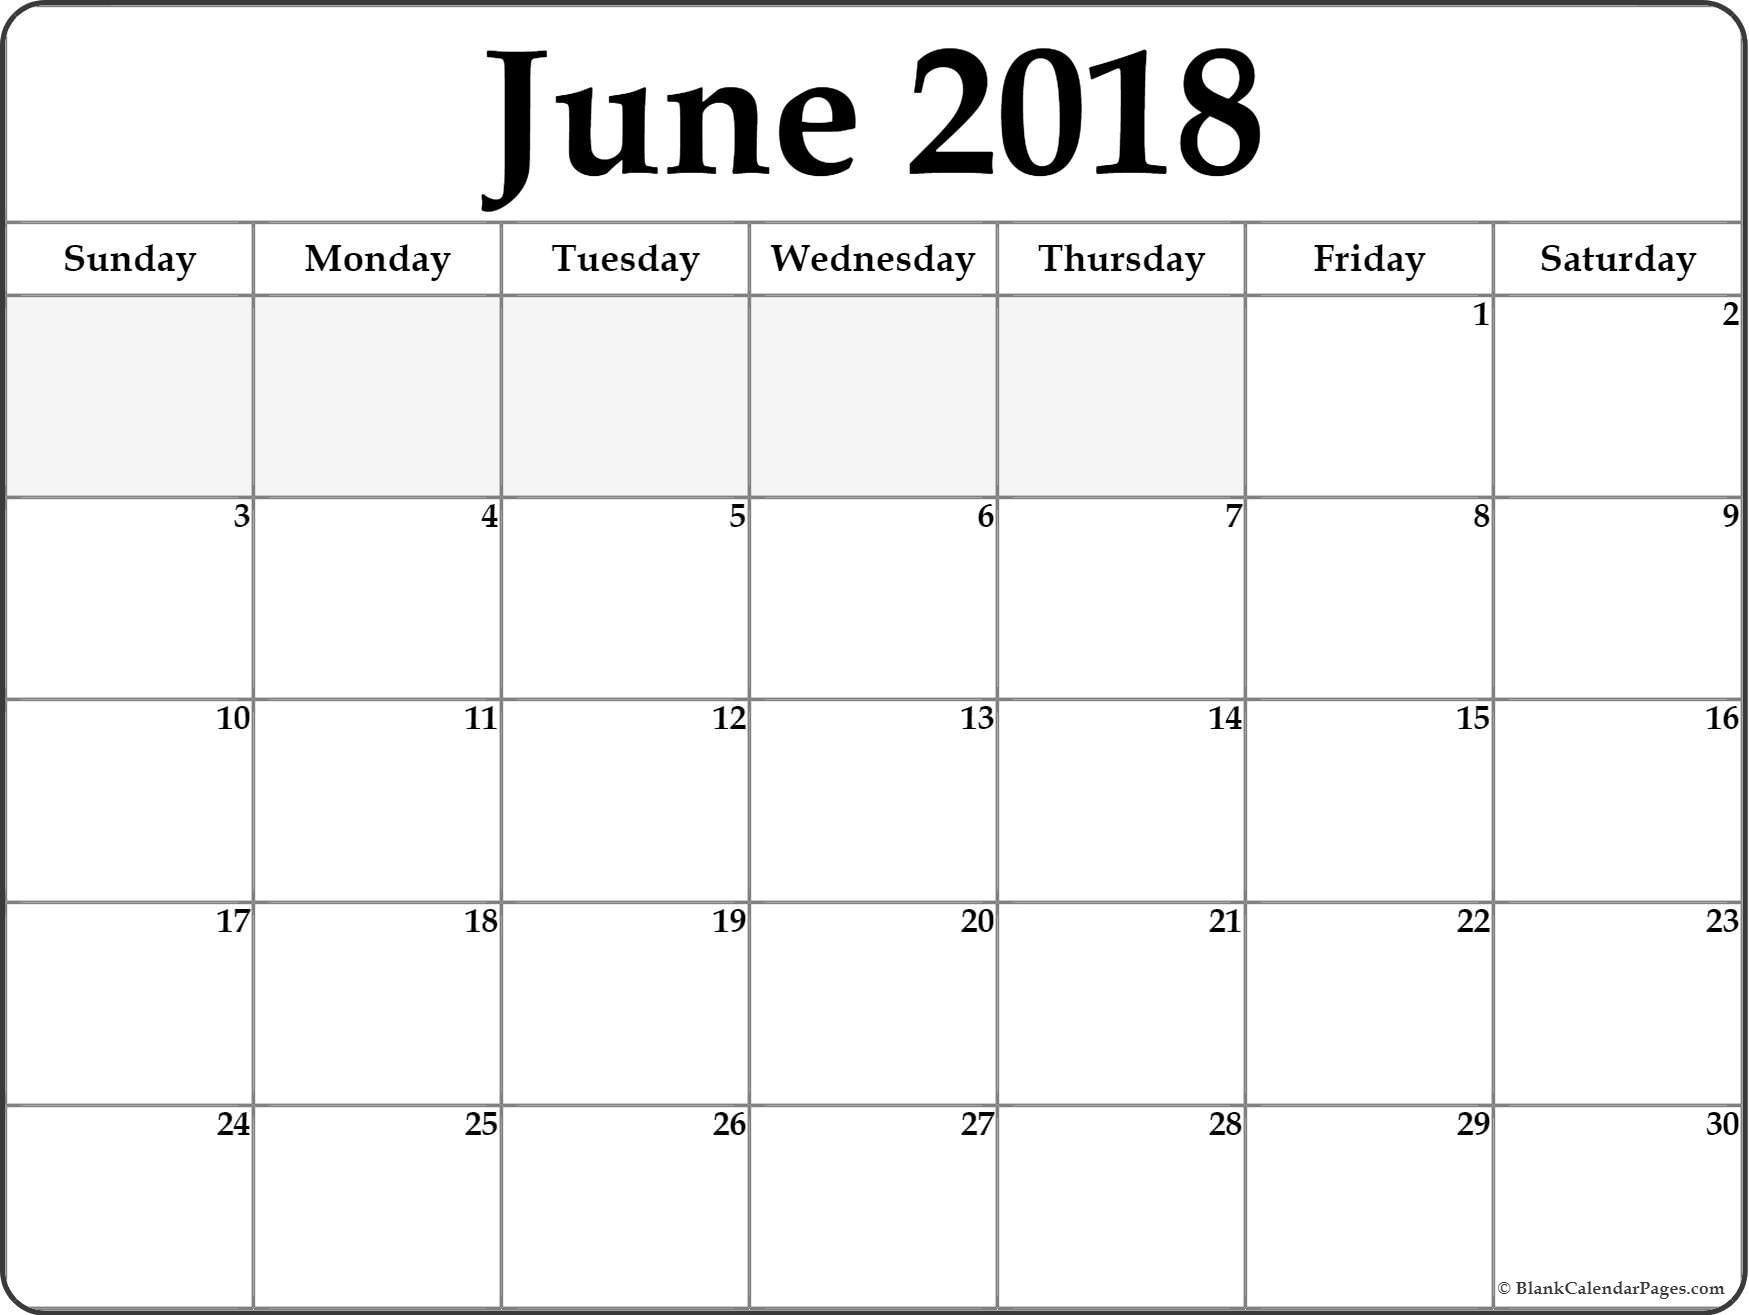 June 2018 Calendar . June 2018 Calendar Printable #june  Blank Full Page Calendar Printable June